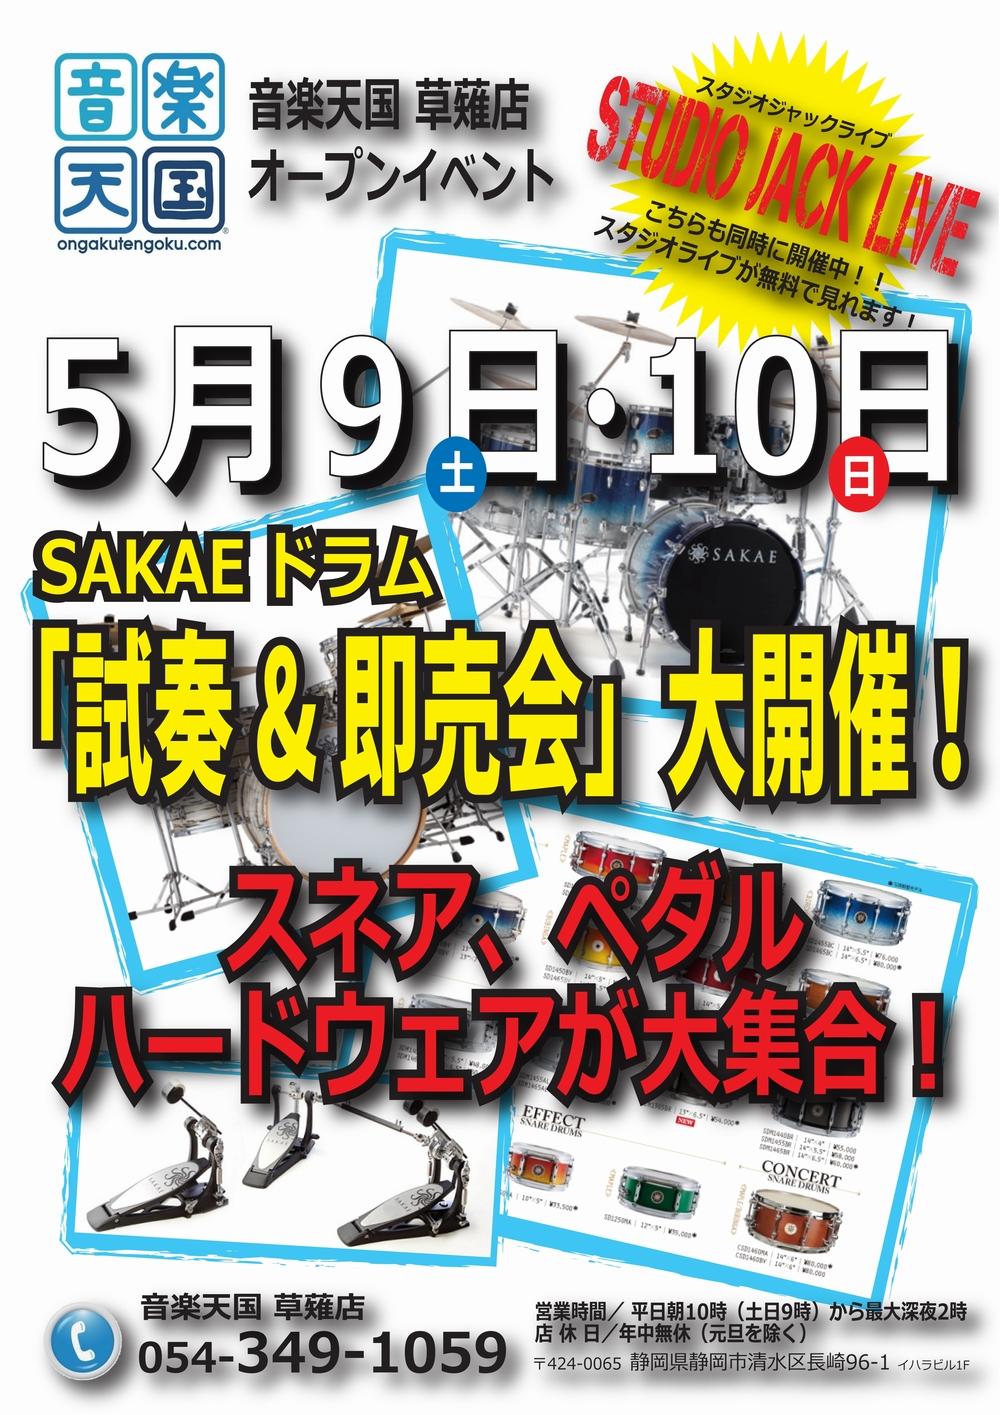 【オープンイベント】サカエ(SAKAE)ドラムフェア 音楽天国・静岡草薙店5月9日(土)・